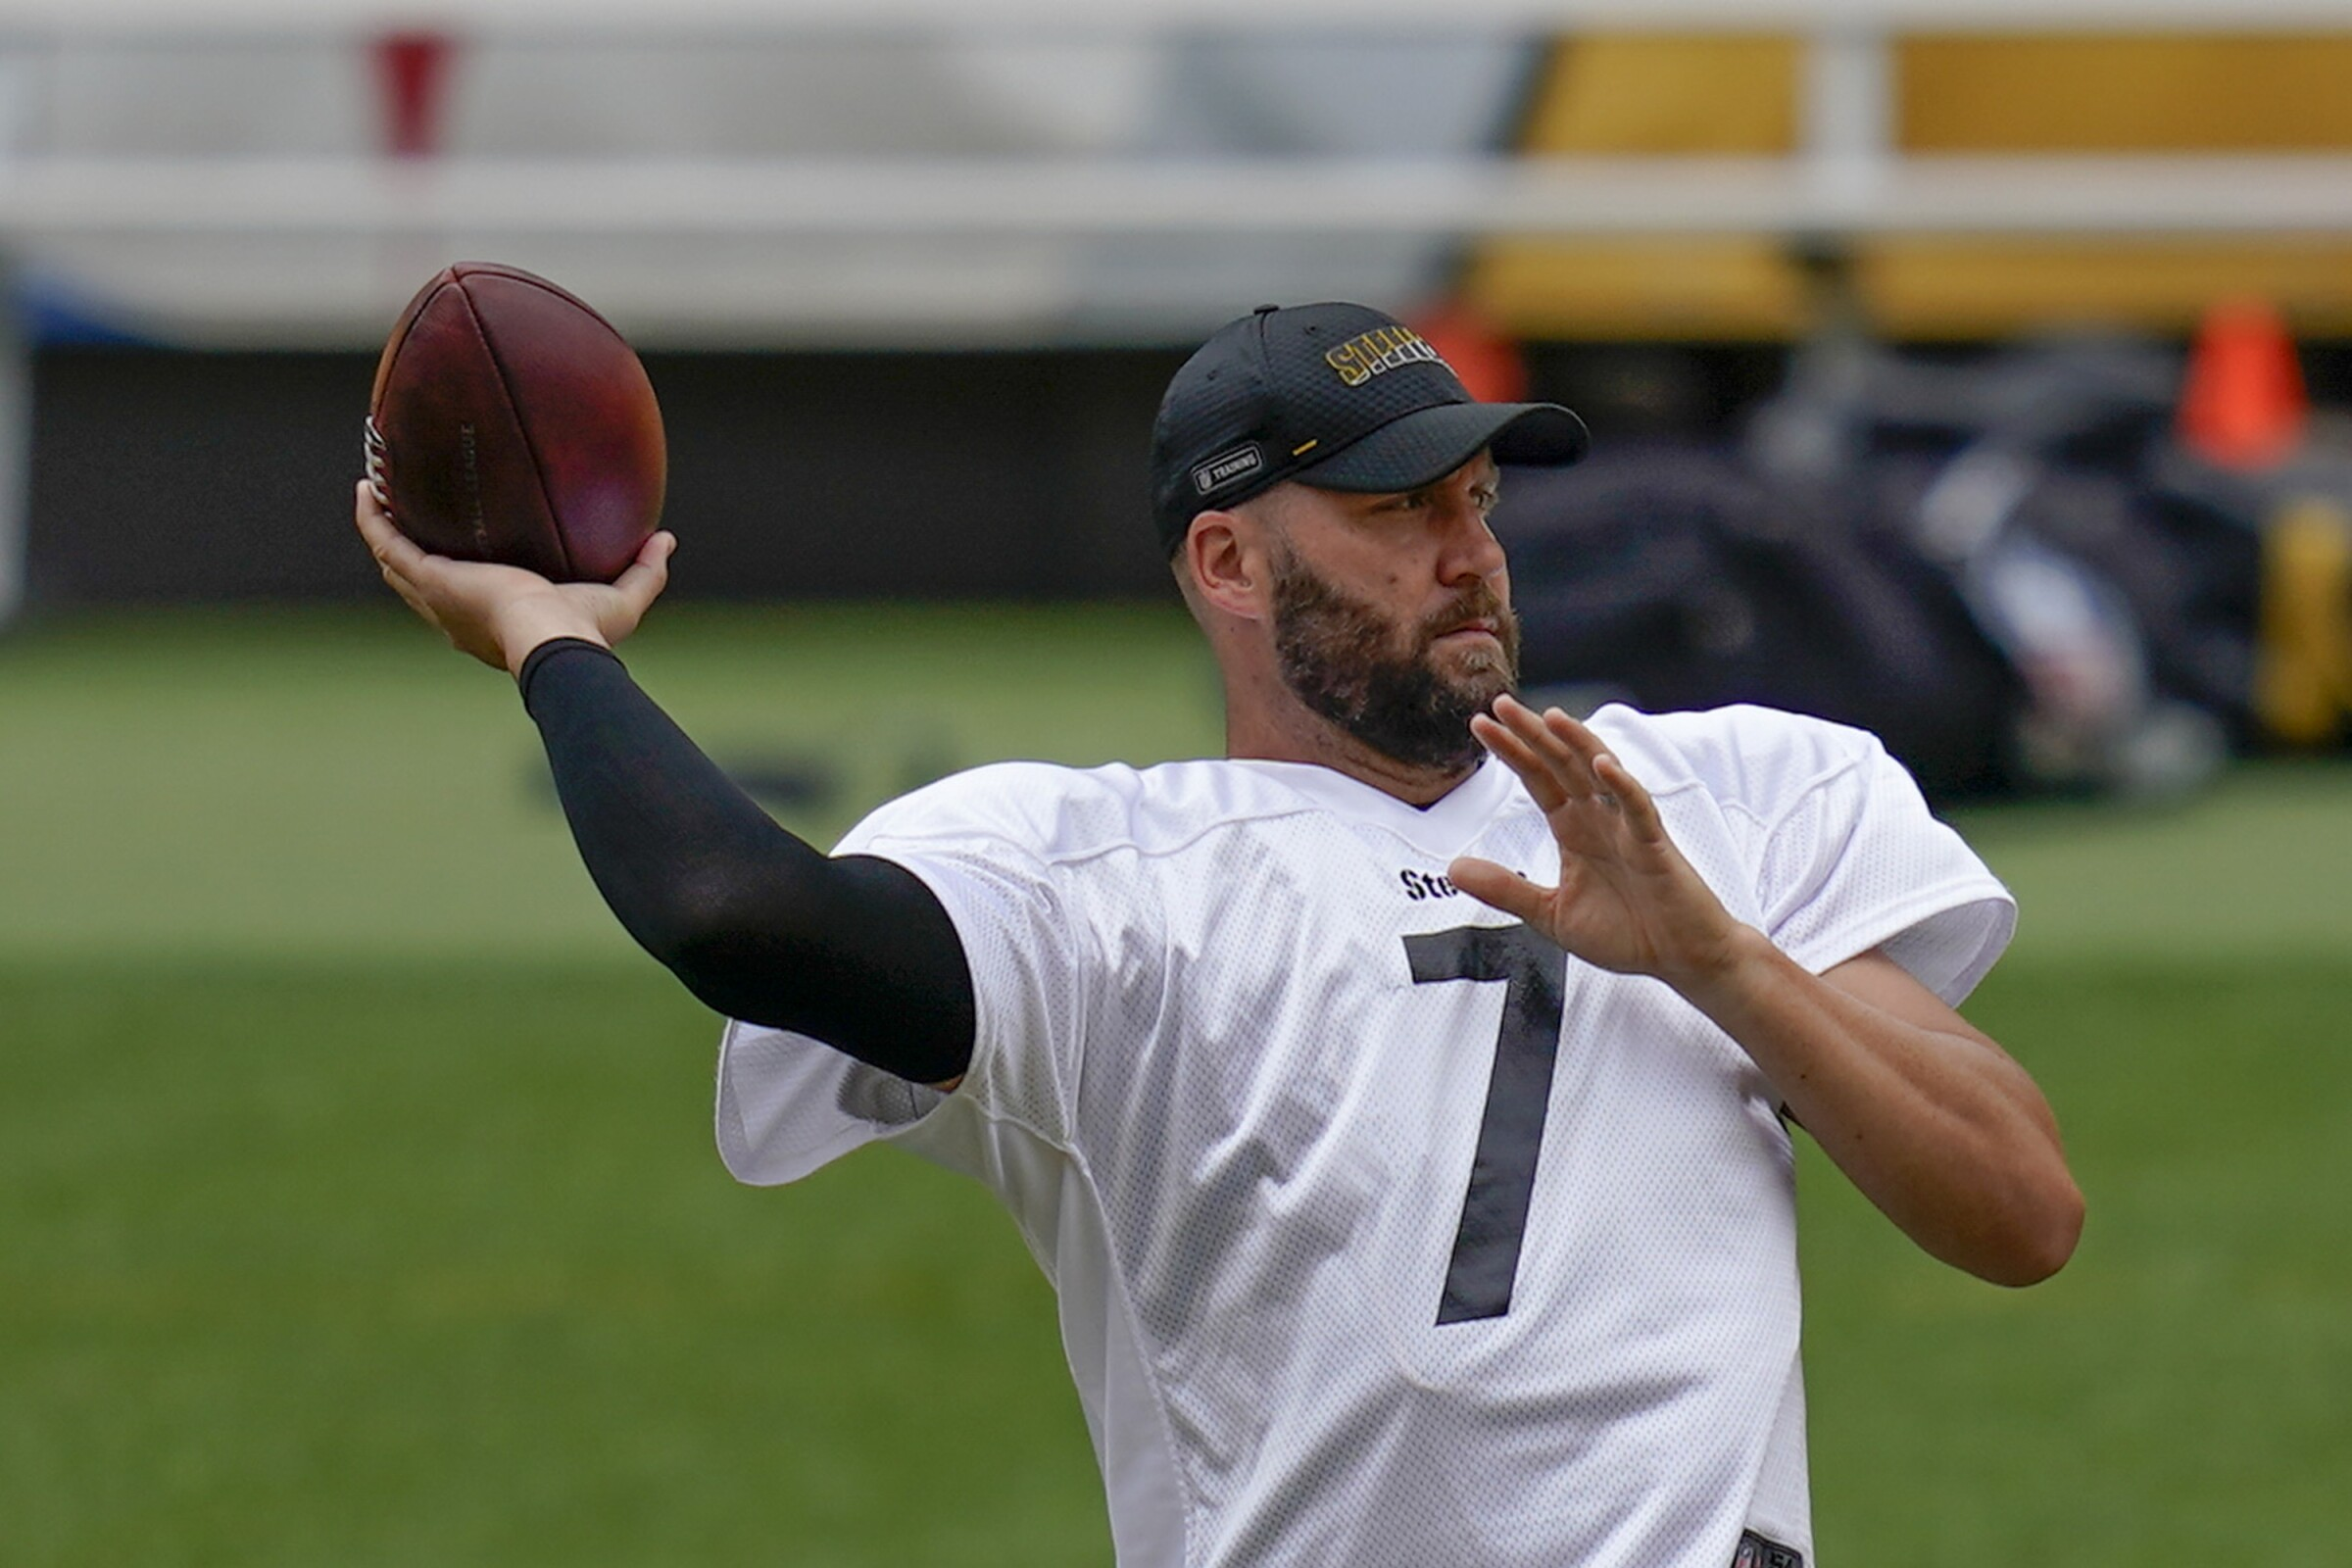 Pittsburgh Steelers quarterback Ben Roethlisberger throws during warmups.